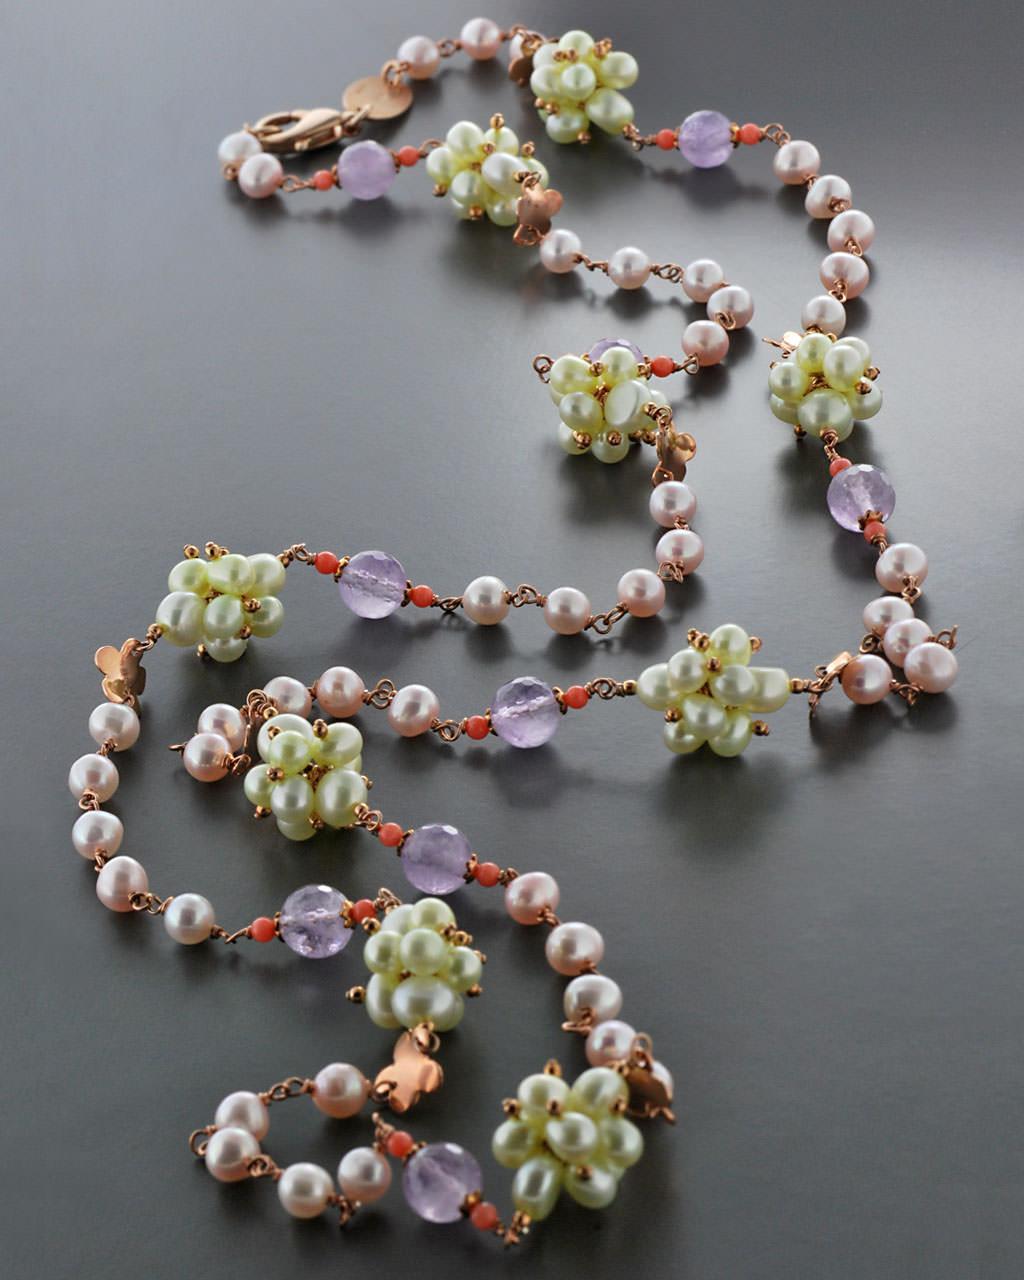 Κολιέ ασημένιο 925 με Αμέθυστο, Κοράλι & Μαργαριτάρια   γυναικα κρεμαστά κολιέ κρεμαστά κολιέ ημιπολύτιμοι λίθοι